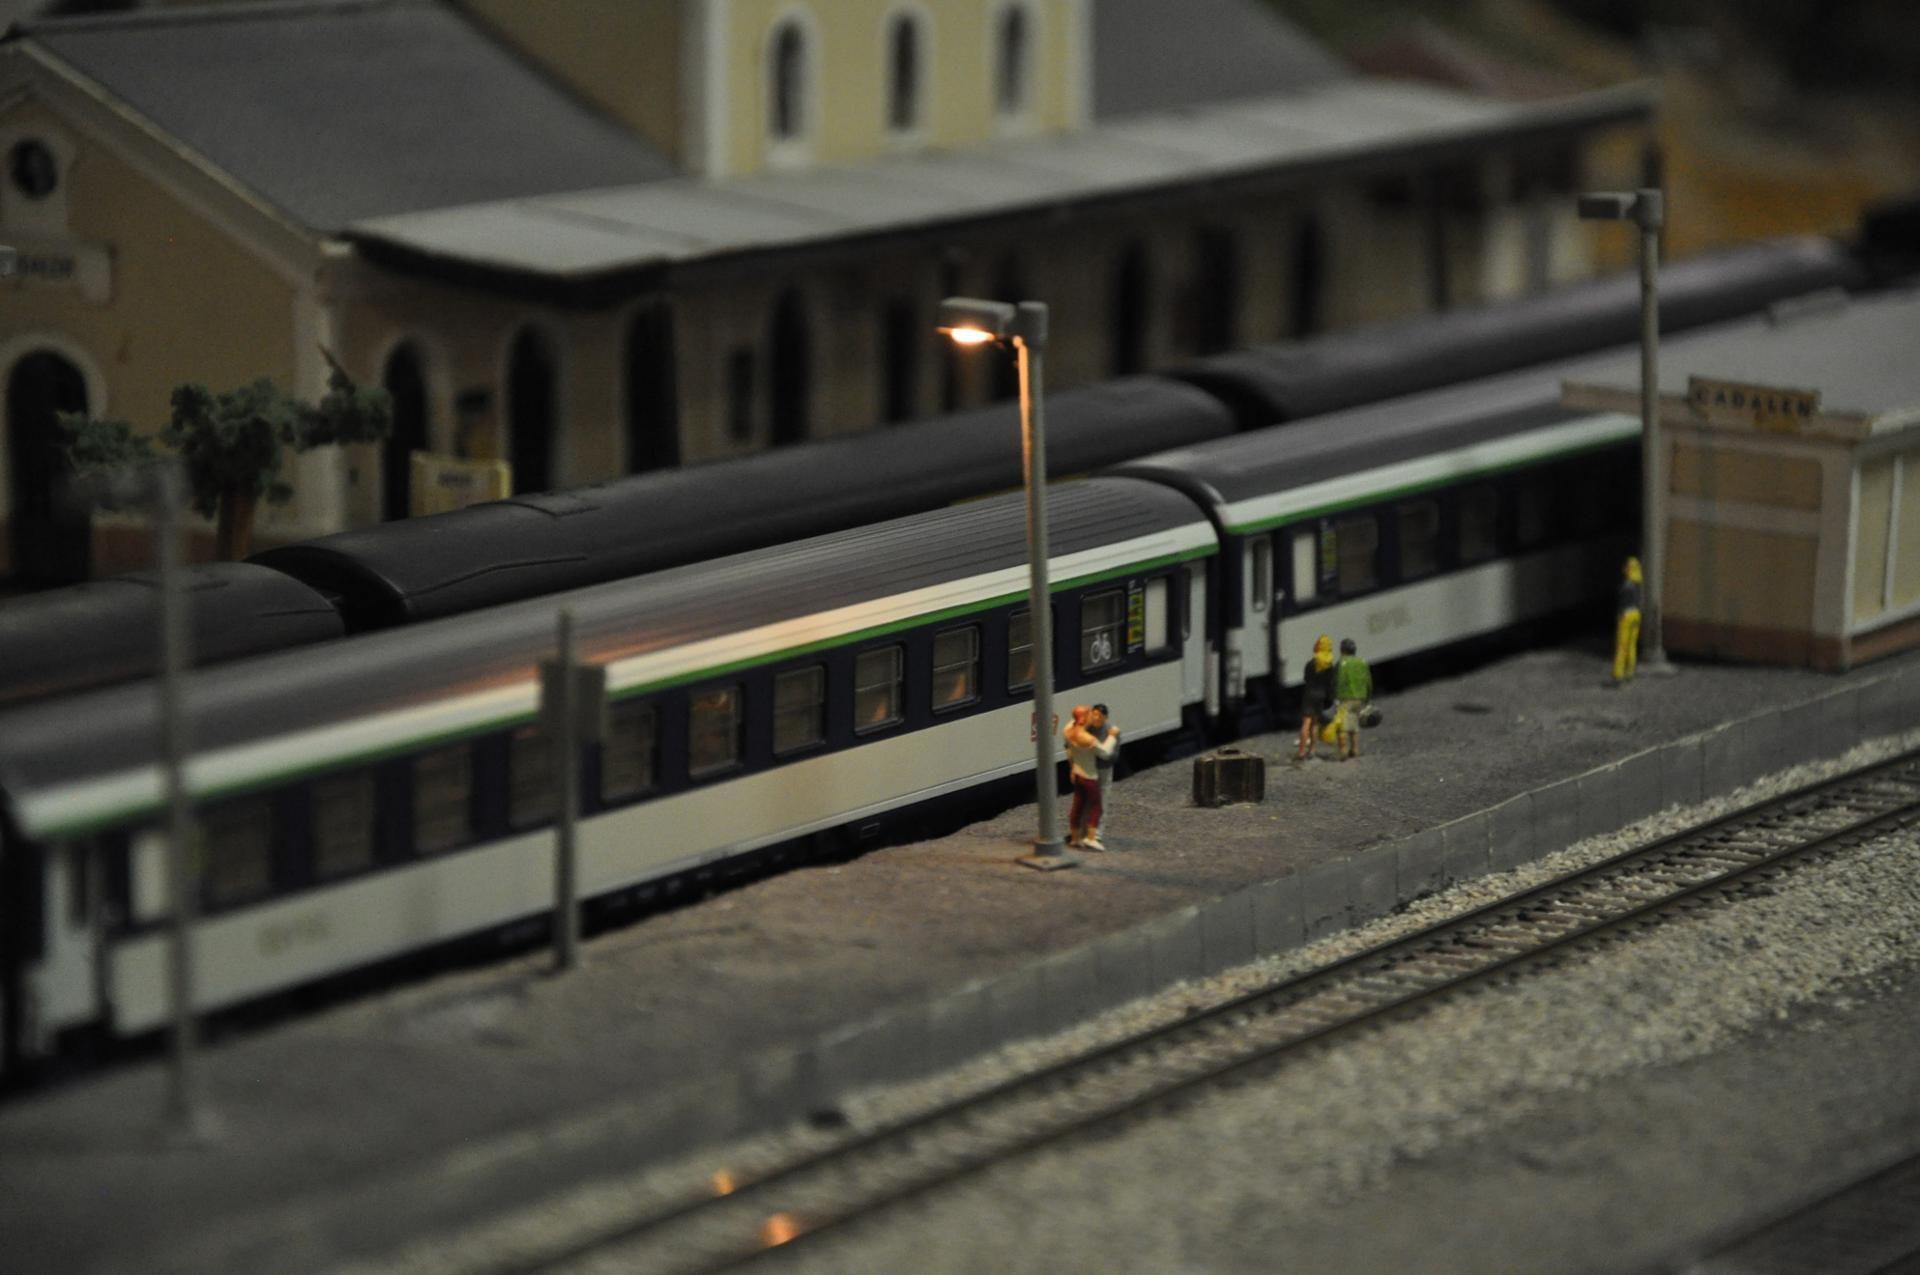 Coup de coeur 2 - Train miniature gaillacois - Gre-luna